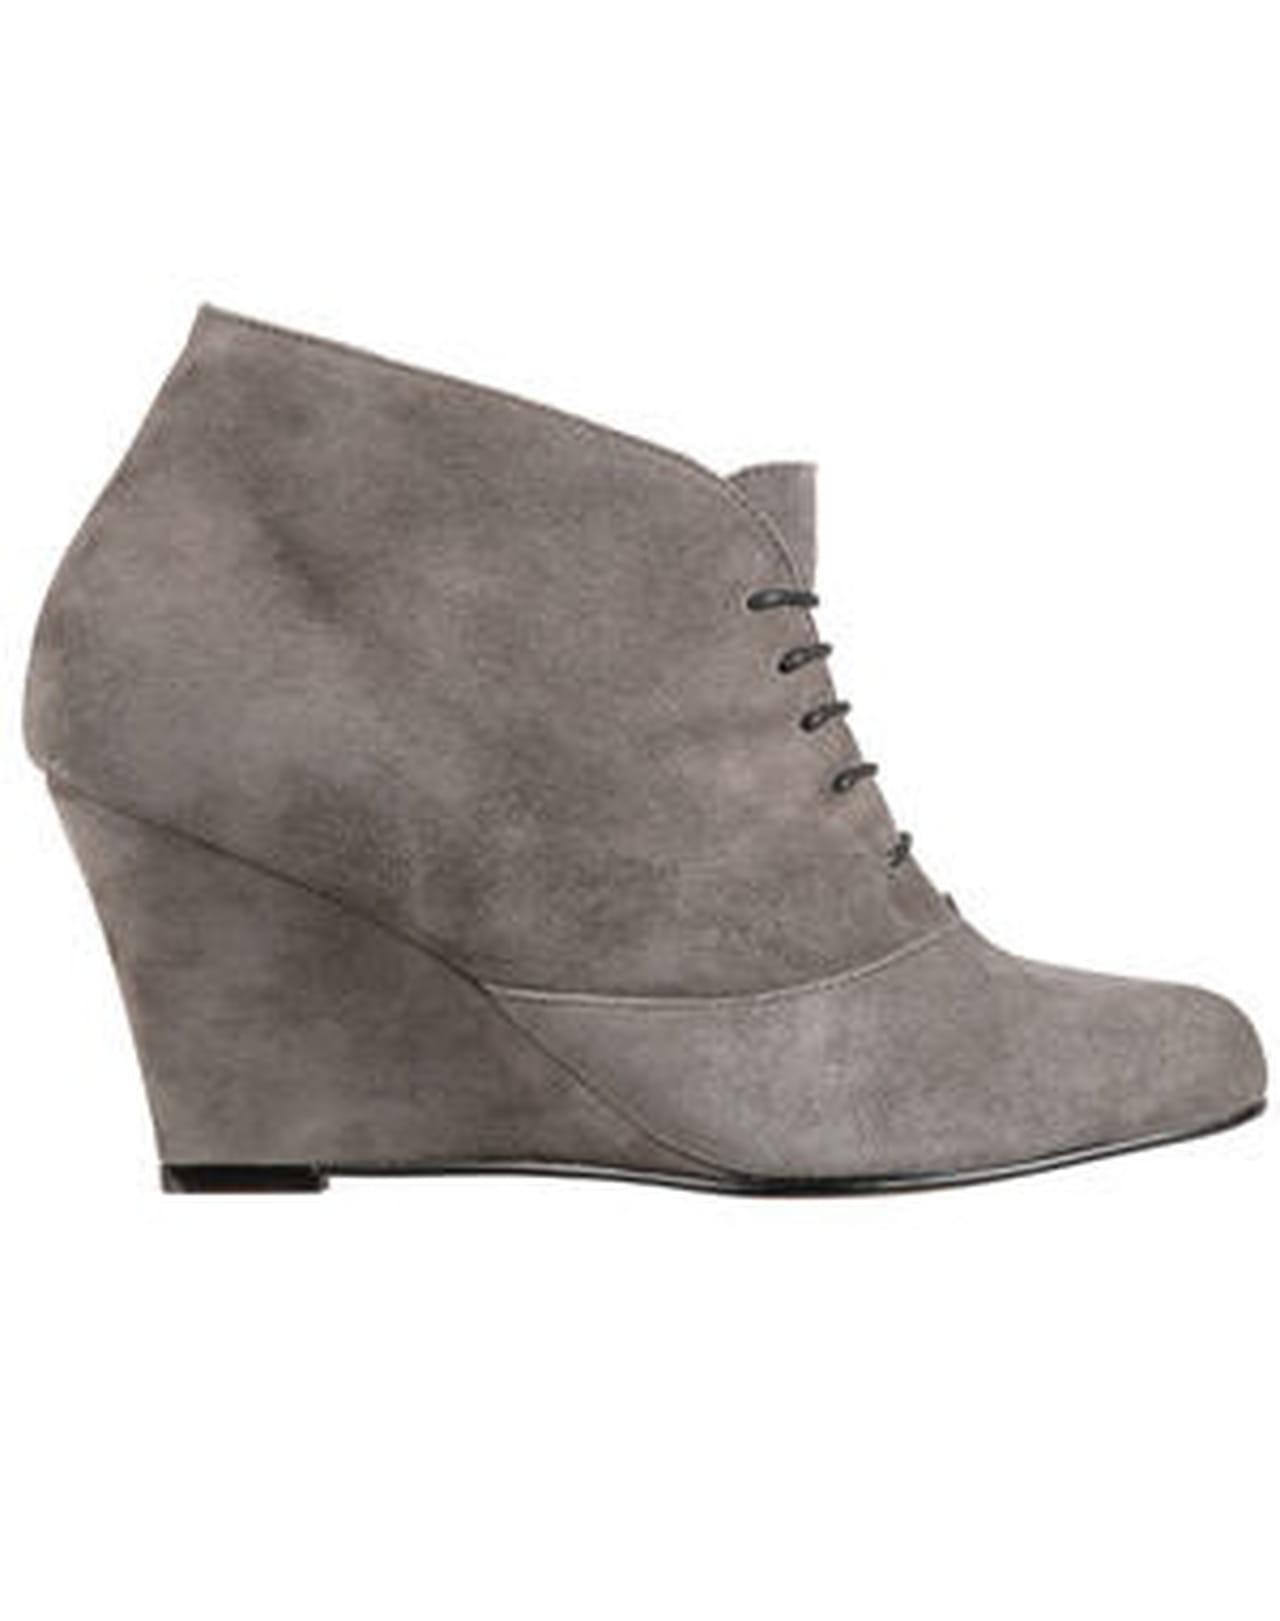 9ffaf63124d9f4 Des chaussures tendance pour cet hiver